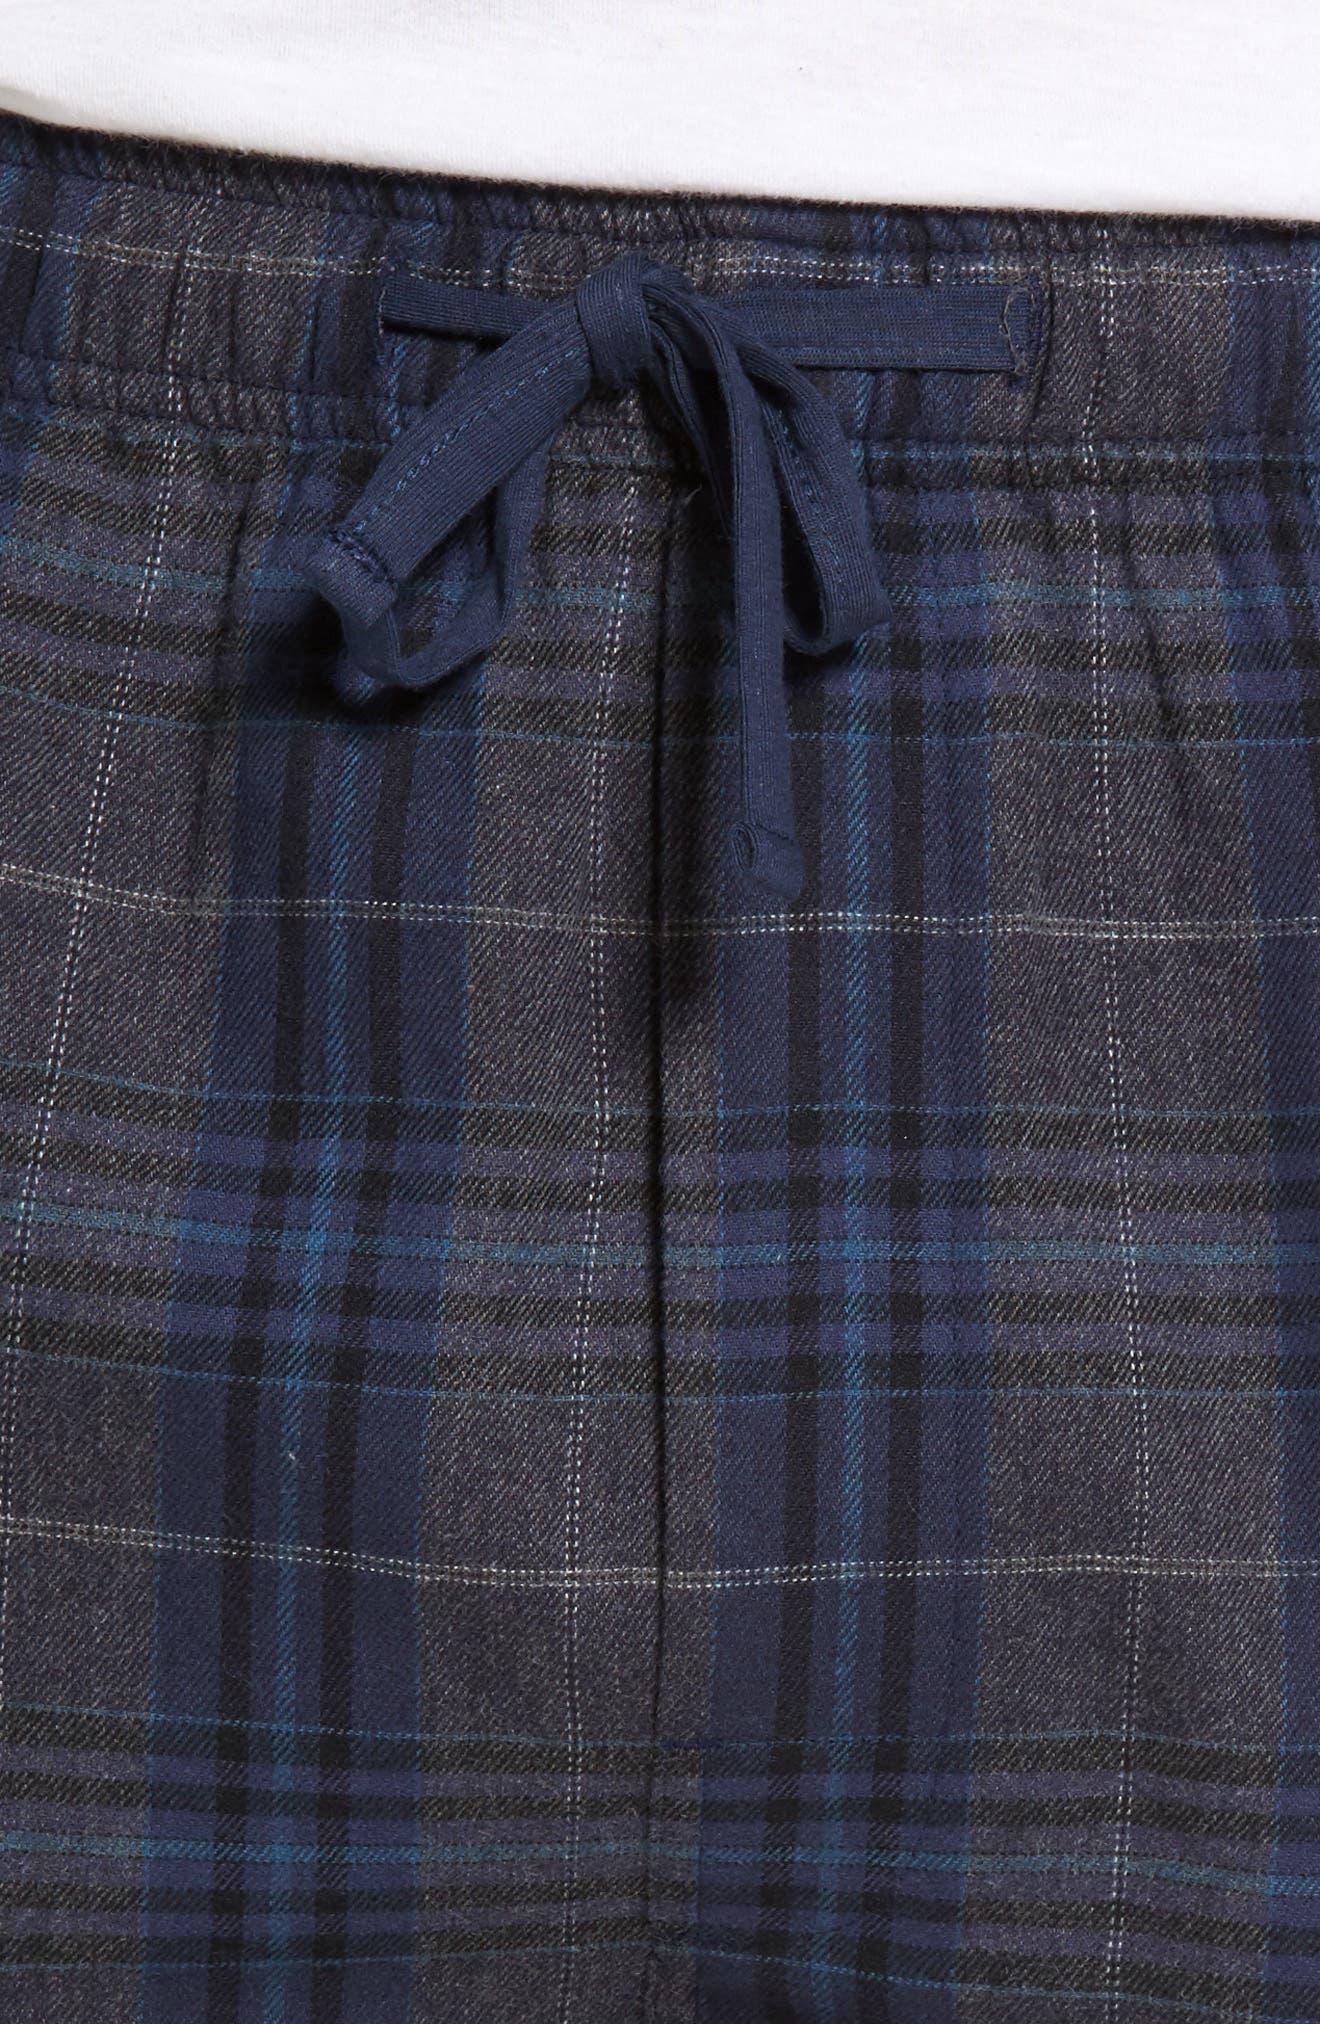 Bryson Plaid Flannel Lounge Pants,                             Alternate thumbnail 4, color,                             030